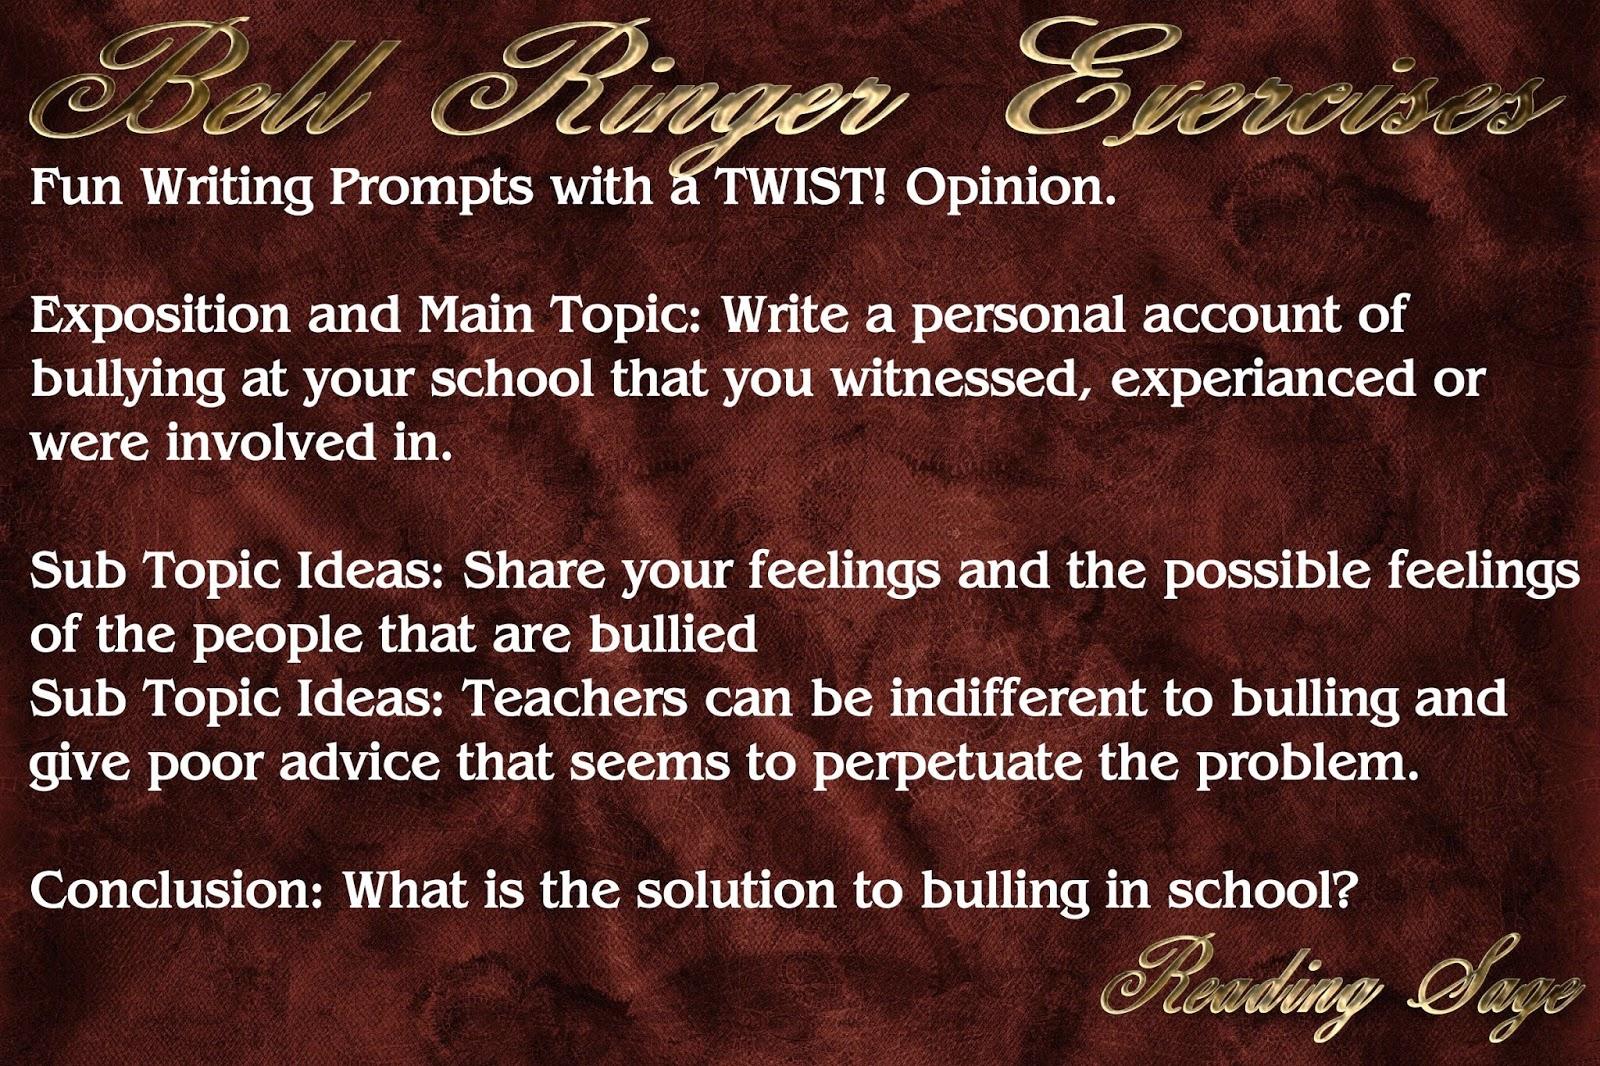 9th grade fcat essay prompts